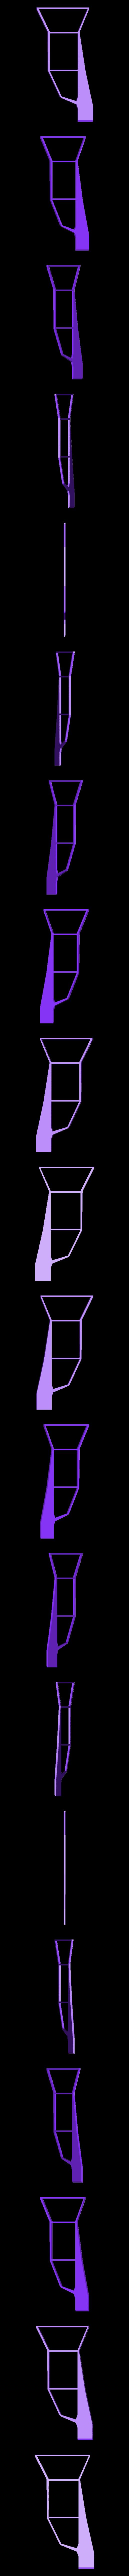 windrad_wingl_10.stl Download free STL file Airslicer windmill (work in progress) • 3D print template, noctaro